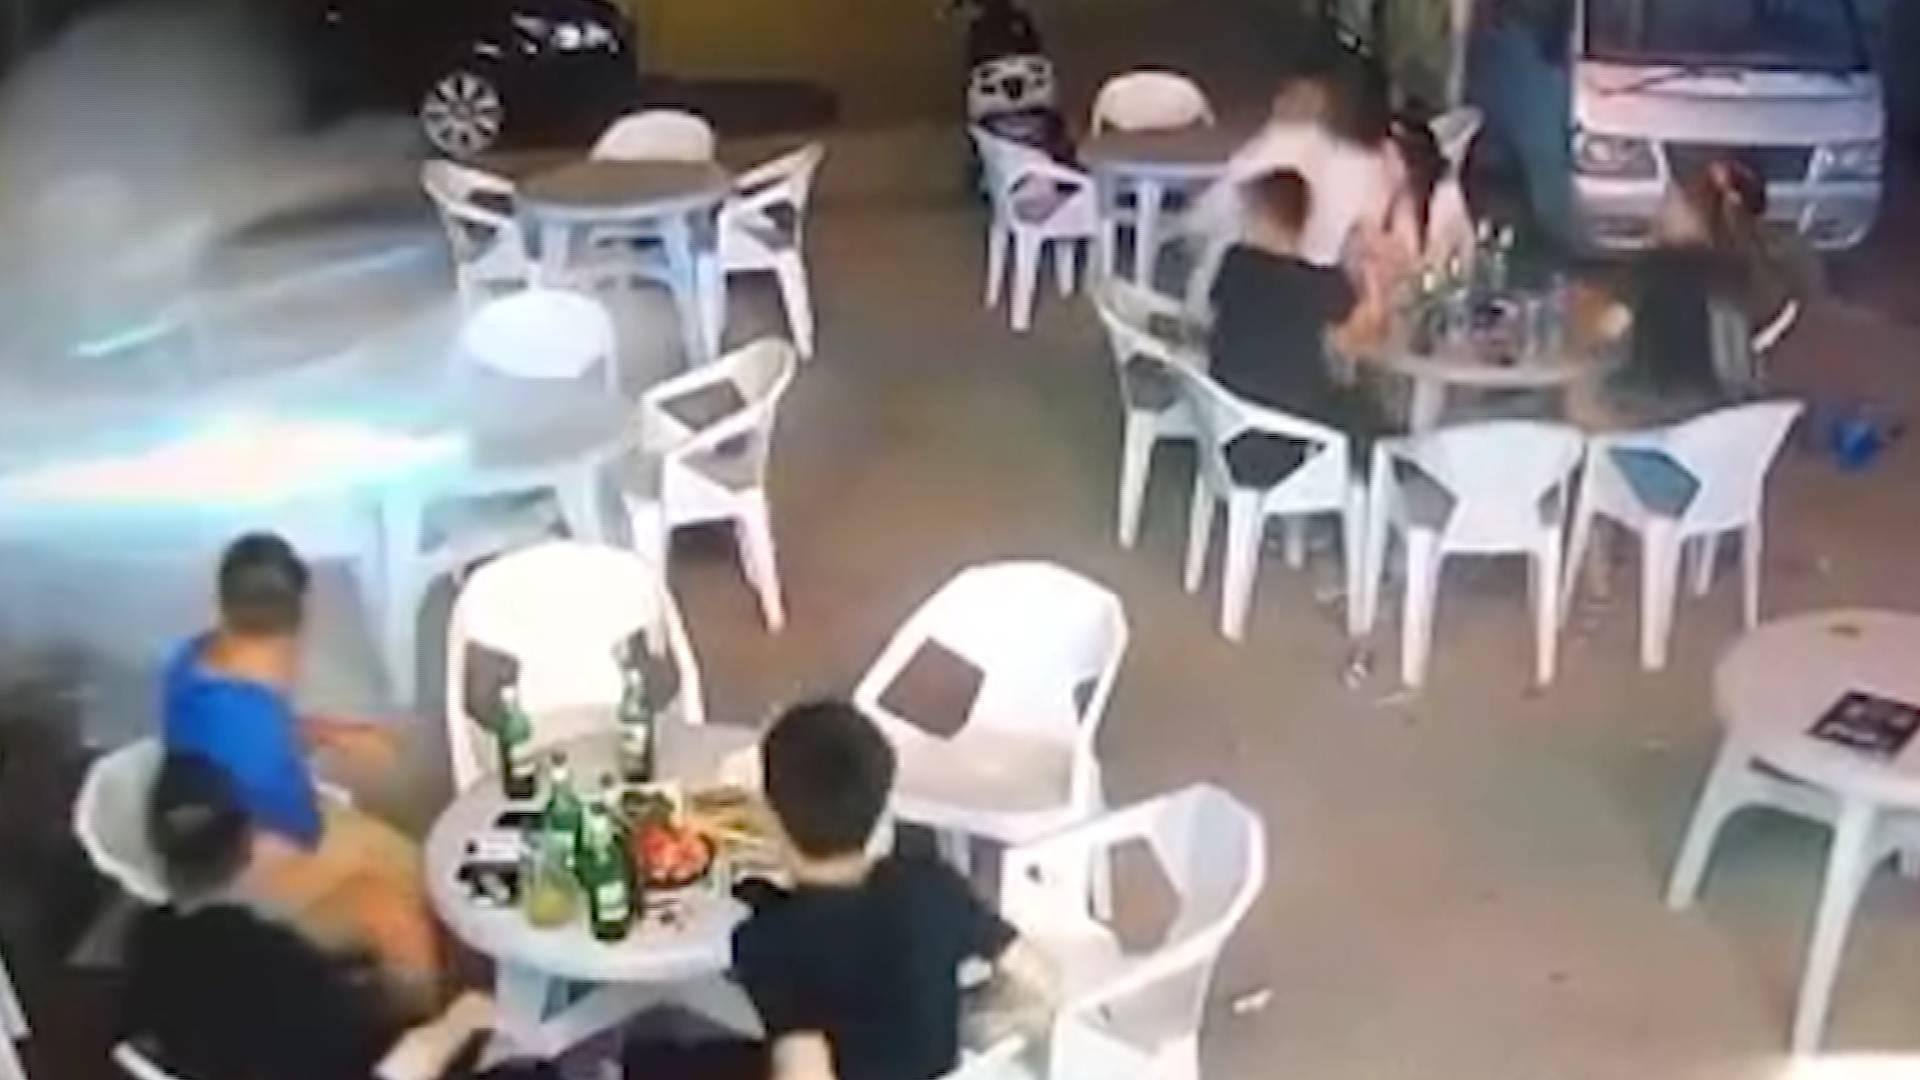 25秒丨河北廊坊一小車凌晨沖進夜市 將多名就餐人員撞飛